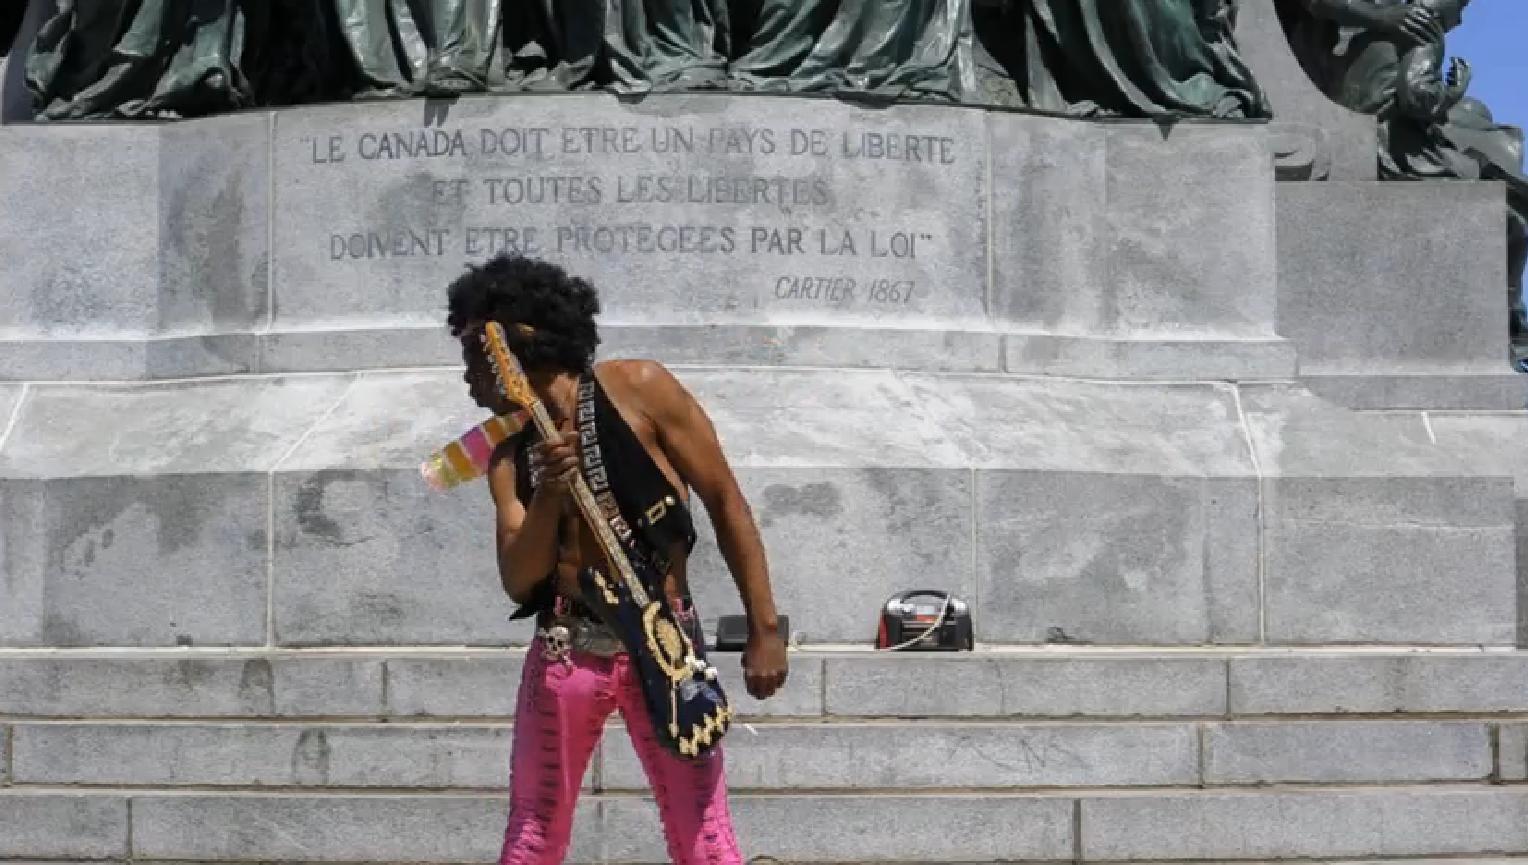 Pastiche de Jimmy Hendrix